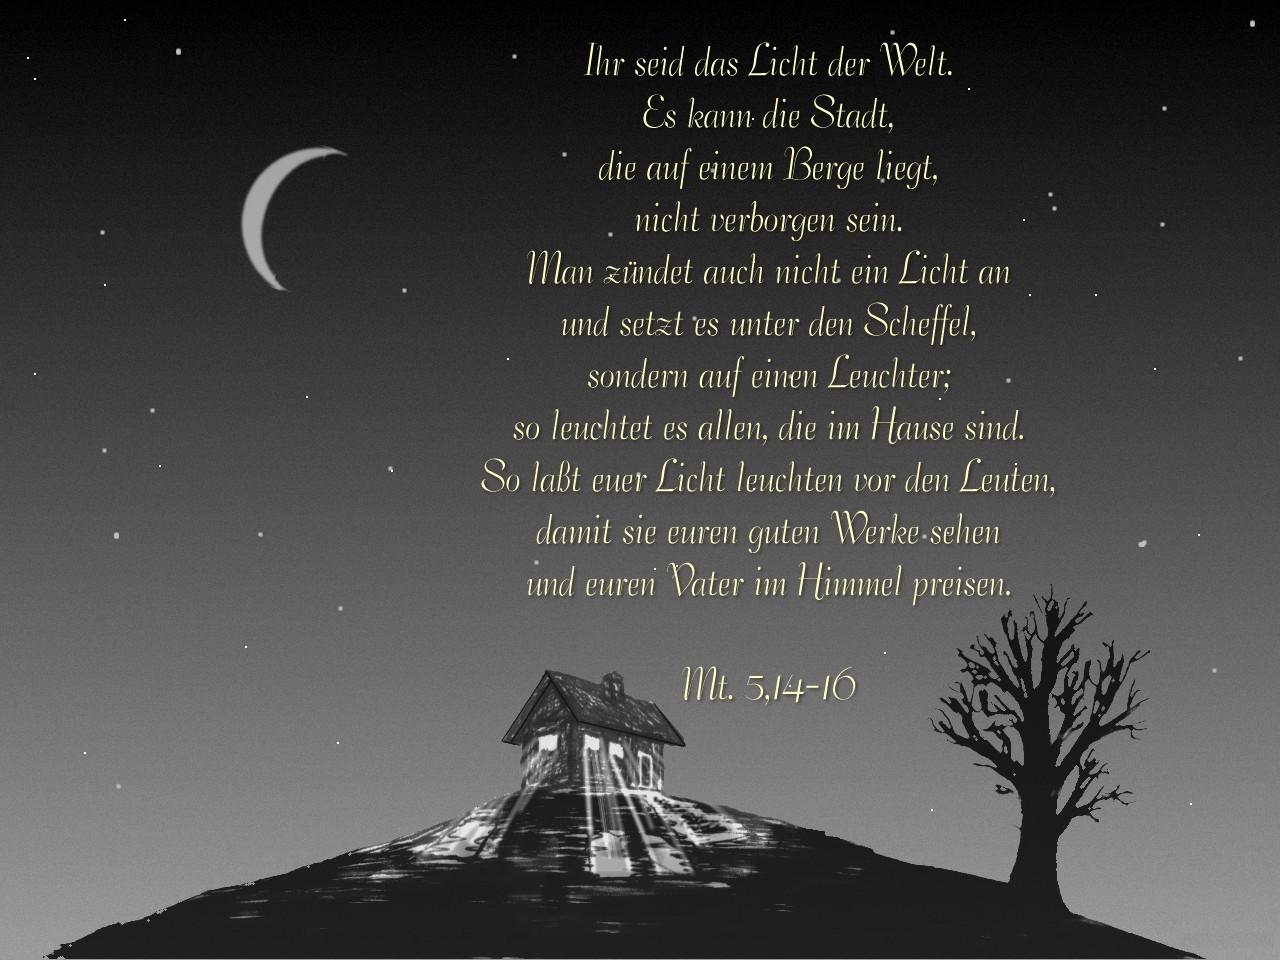 Matthäus 5 14-16